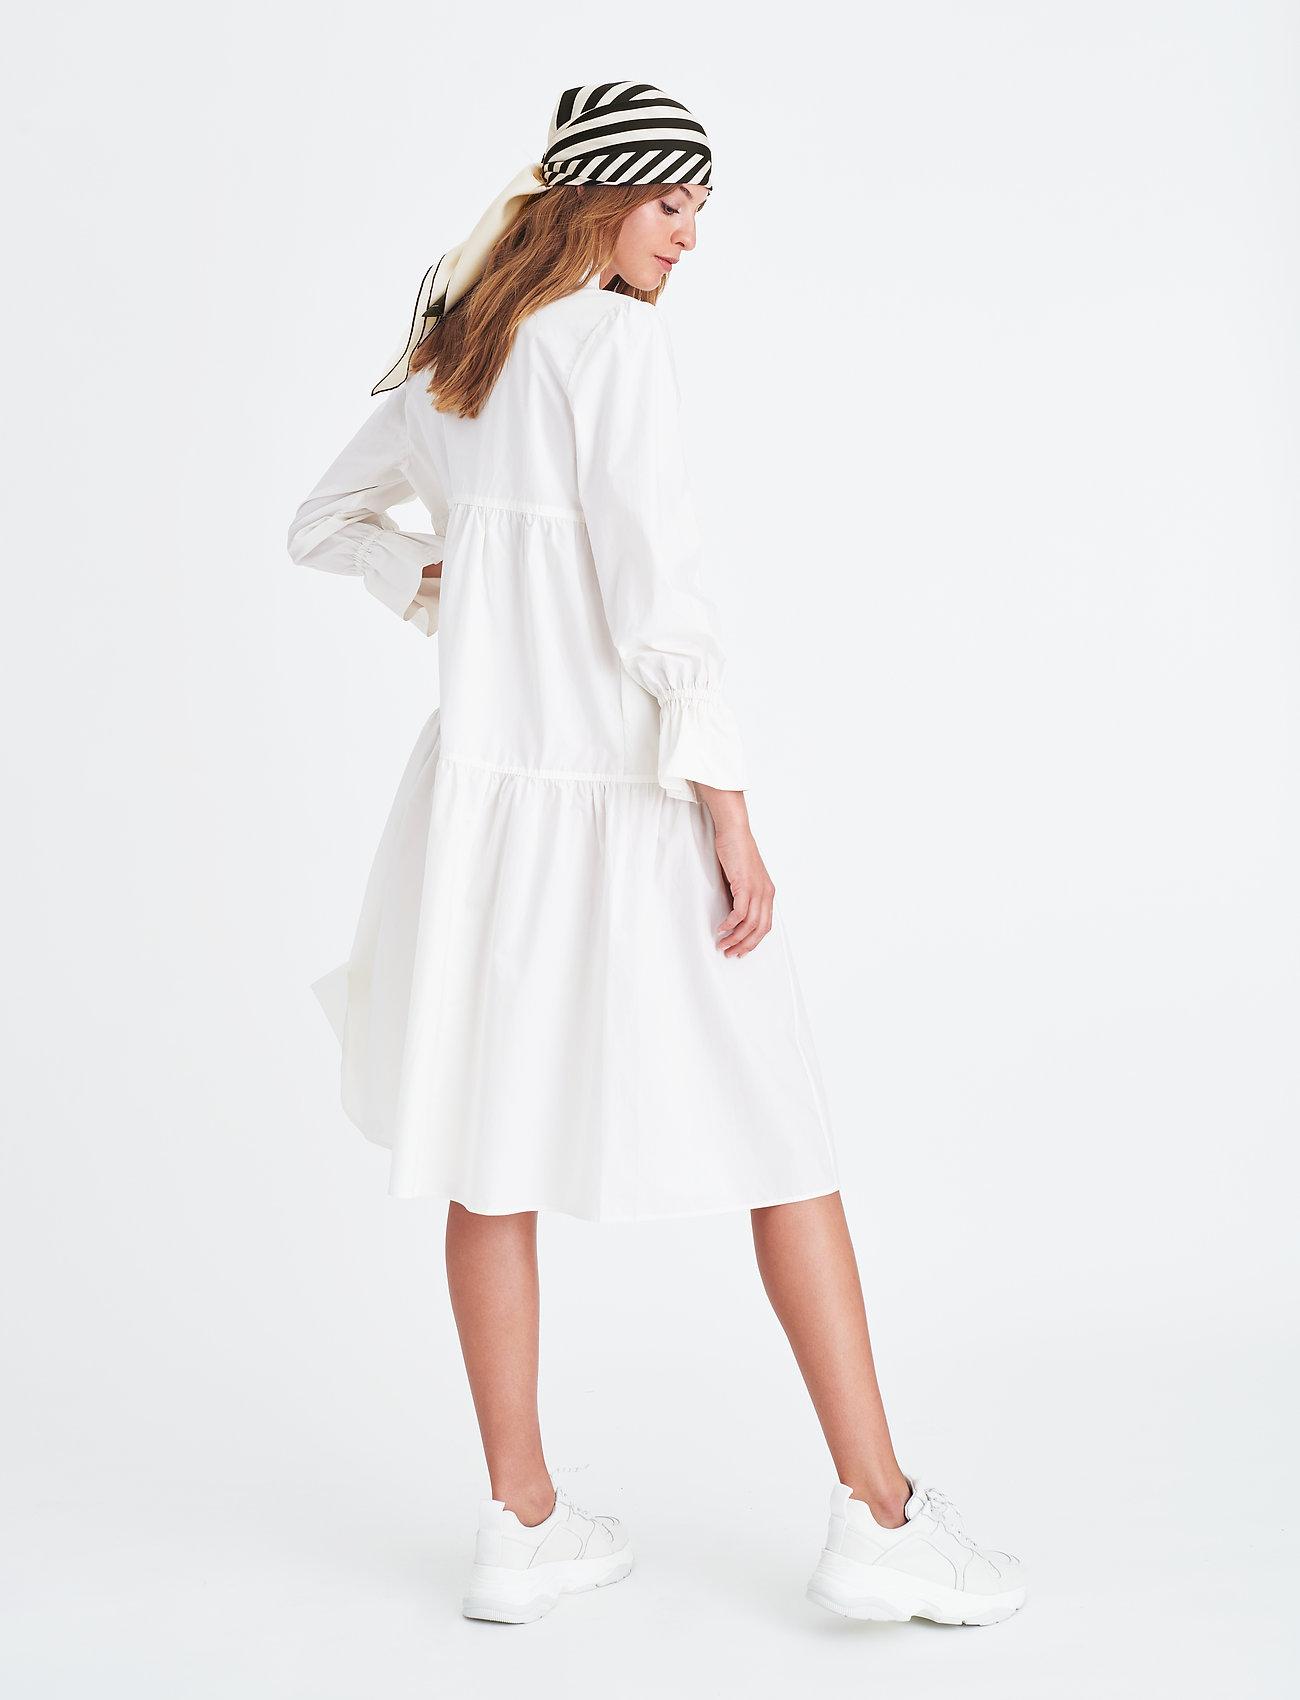 Elle Style Awards Collection 2019 Madrid Poplin Dress - Sukienki WHITE - Kobiety Odzież.